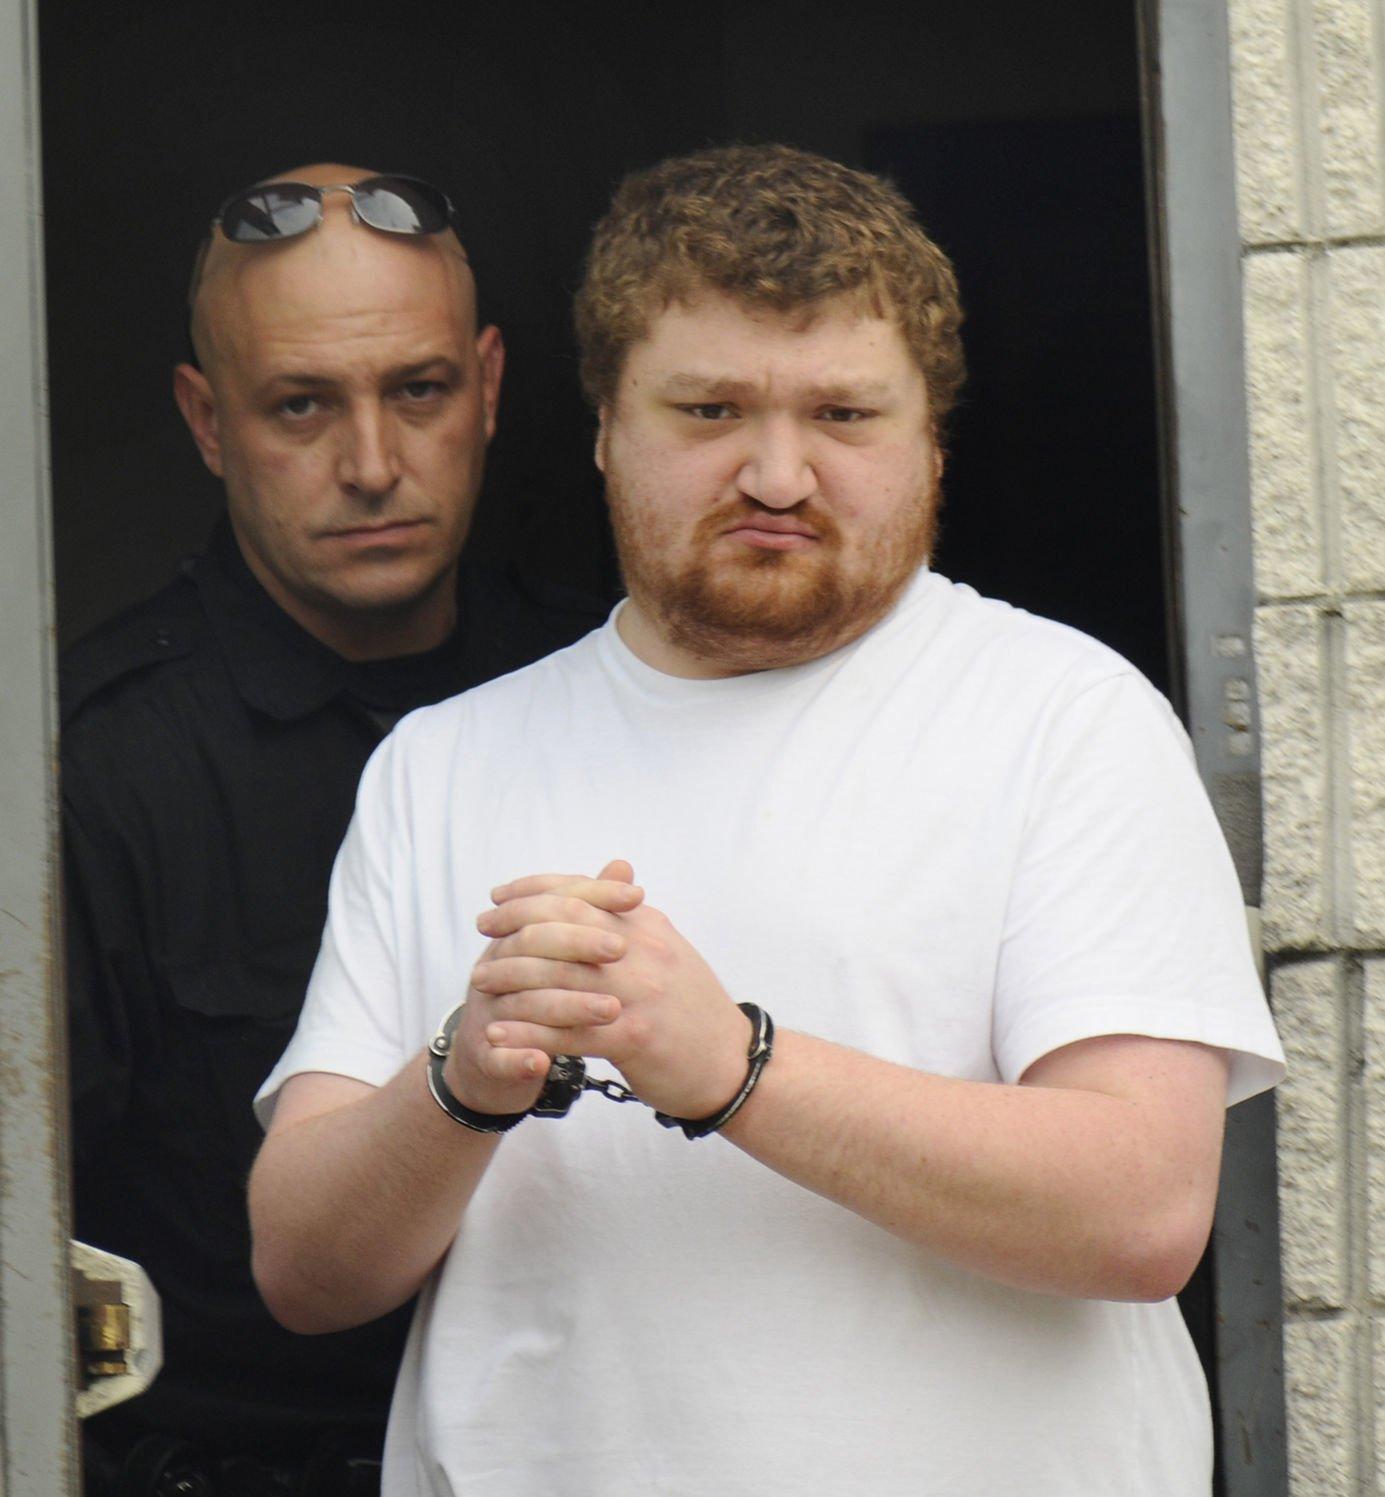 Pedophile arrest